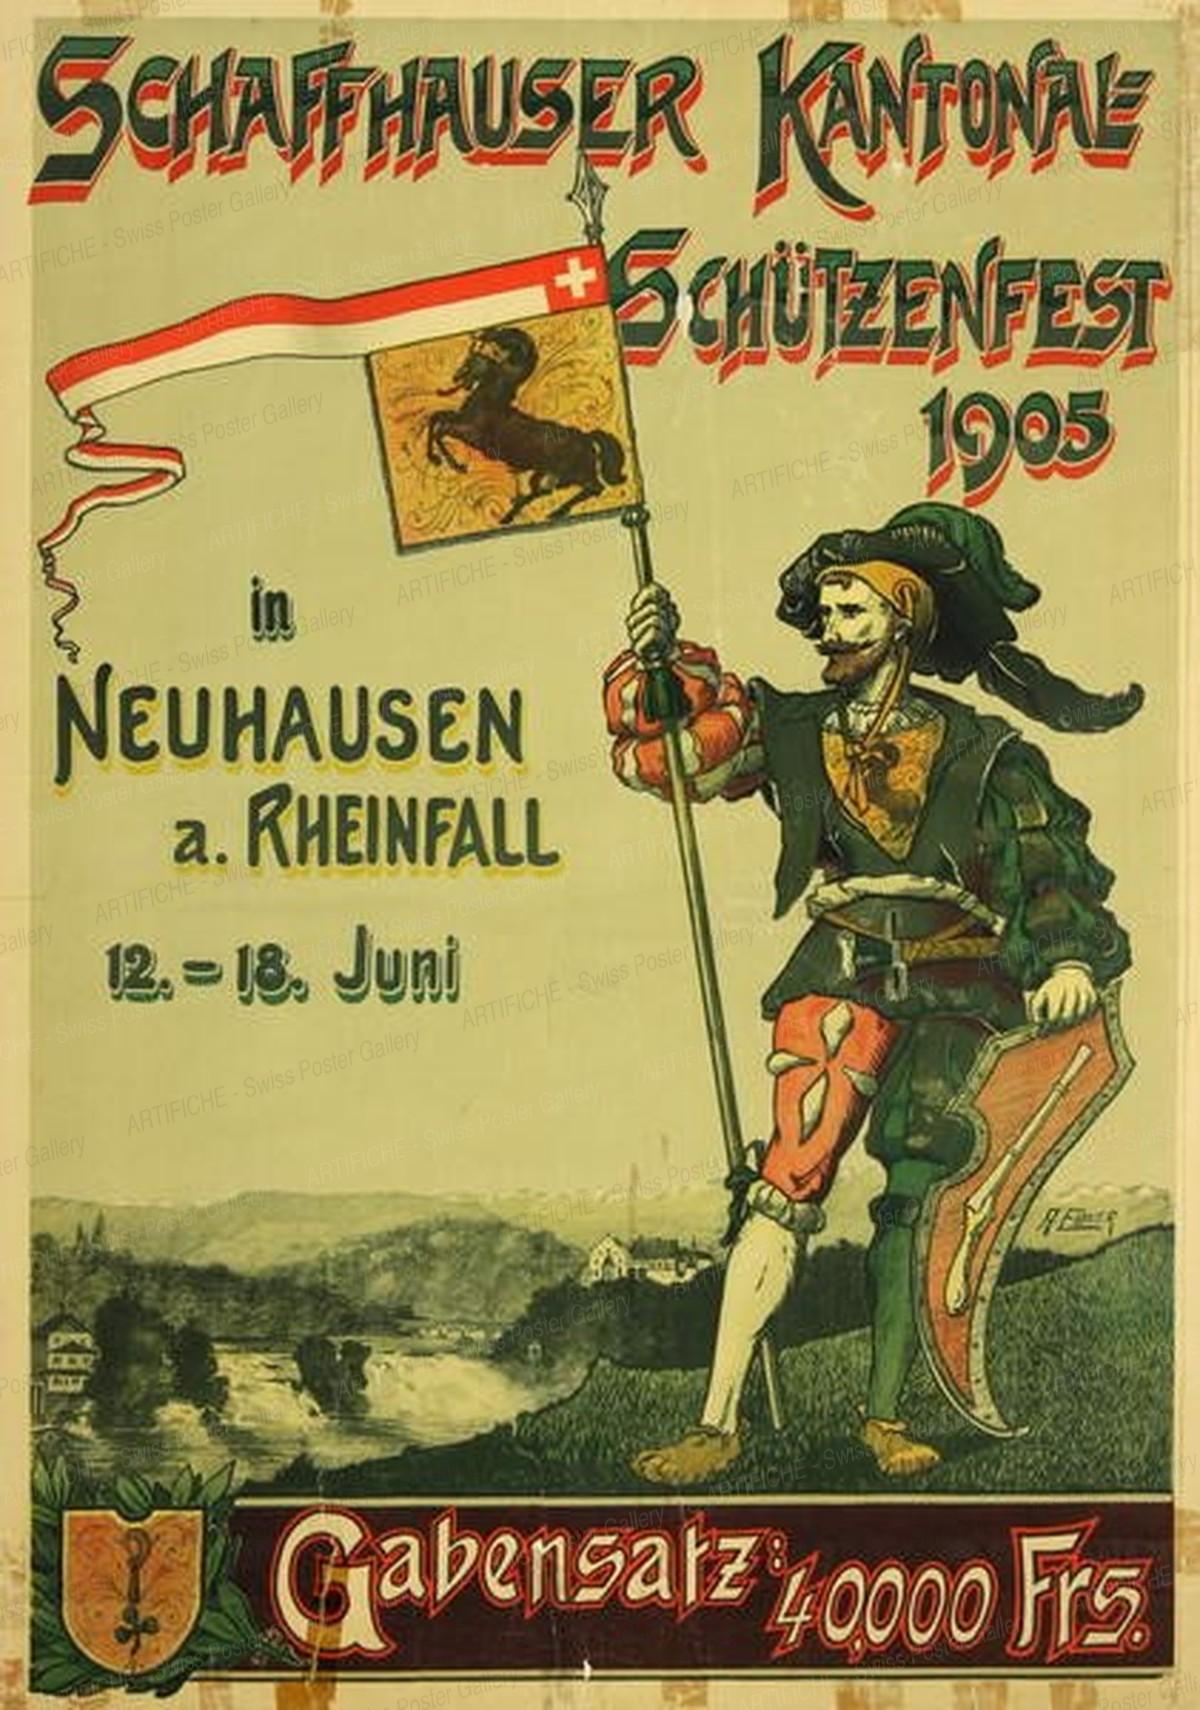 Schaffhauser Kantonal Schützenfest in Neuhausen a. Rheinfall, Ebner A.